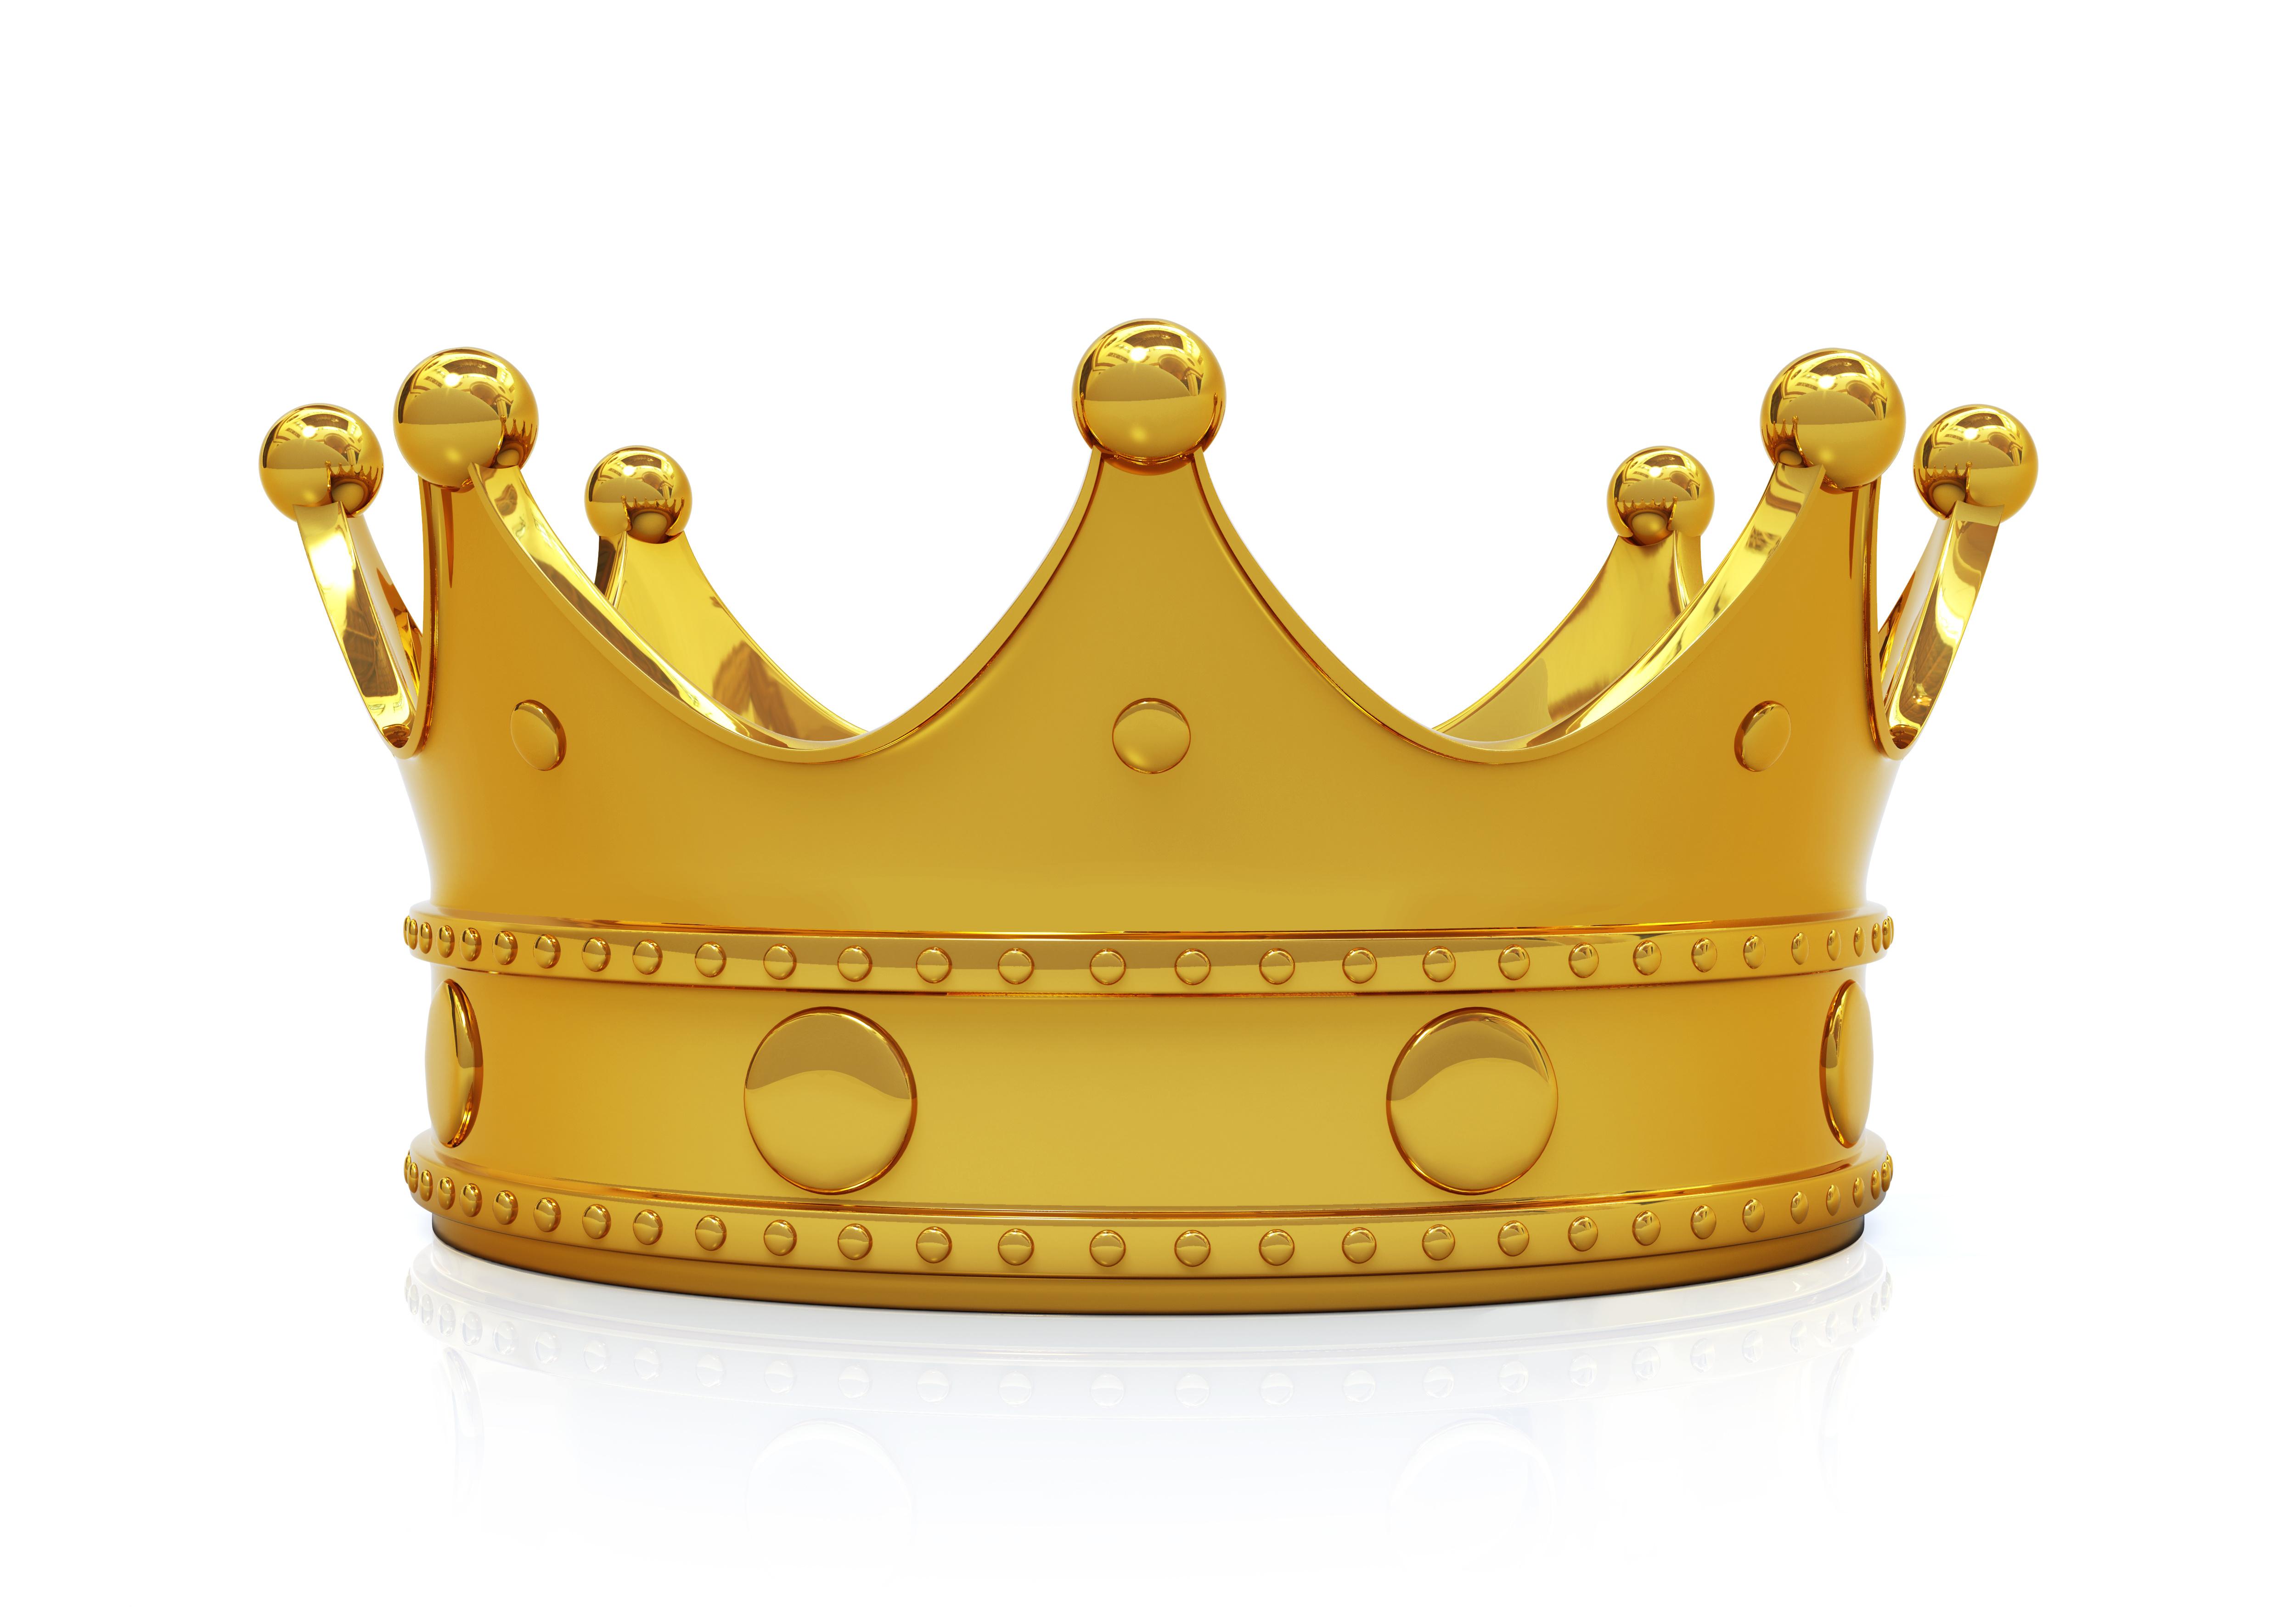 Ibm roi des brevets pour la 20e ann e cons cutive silicon - Image couronne des rois ...